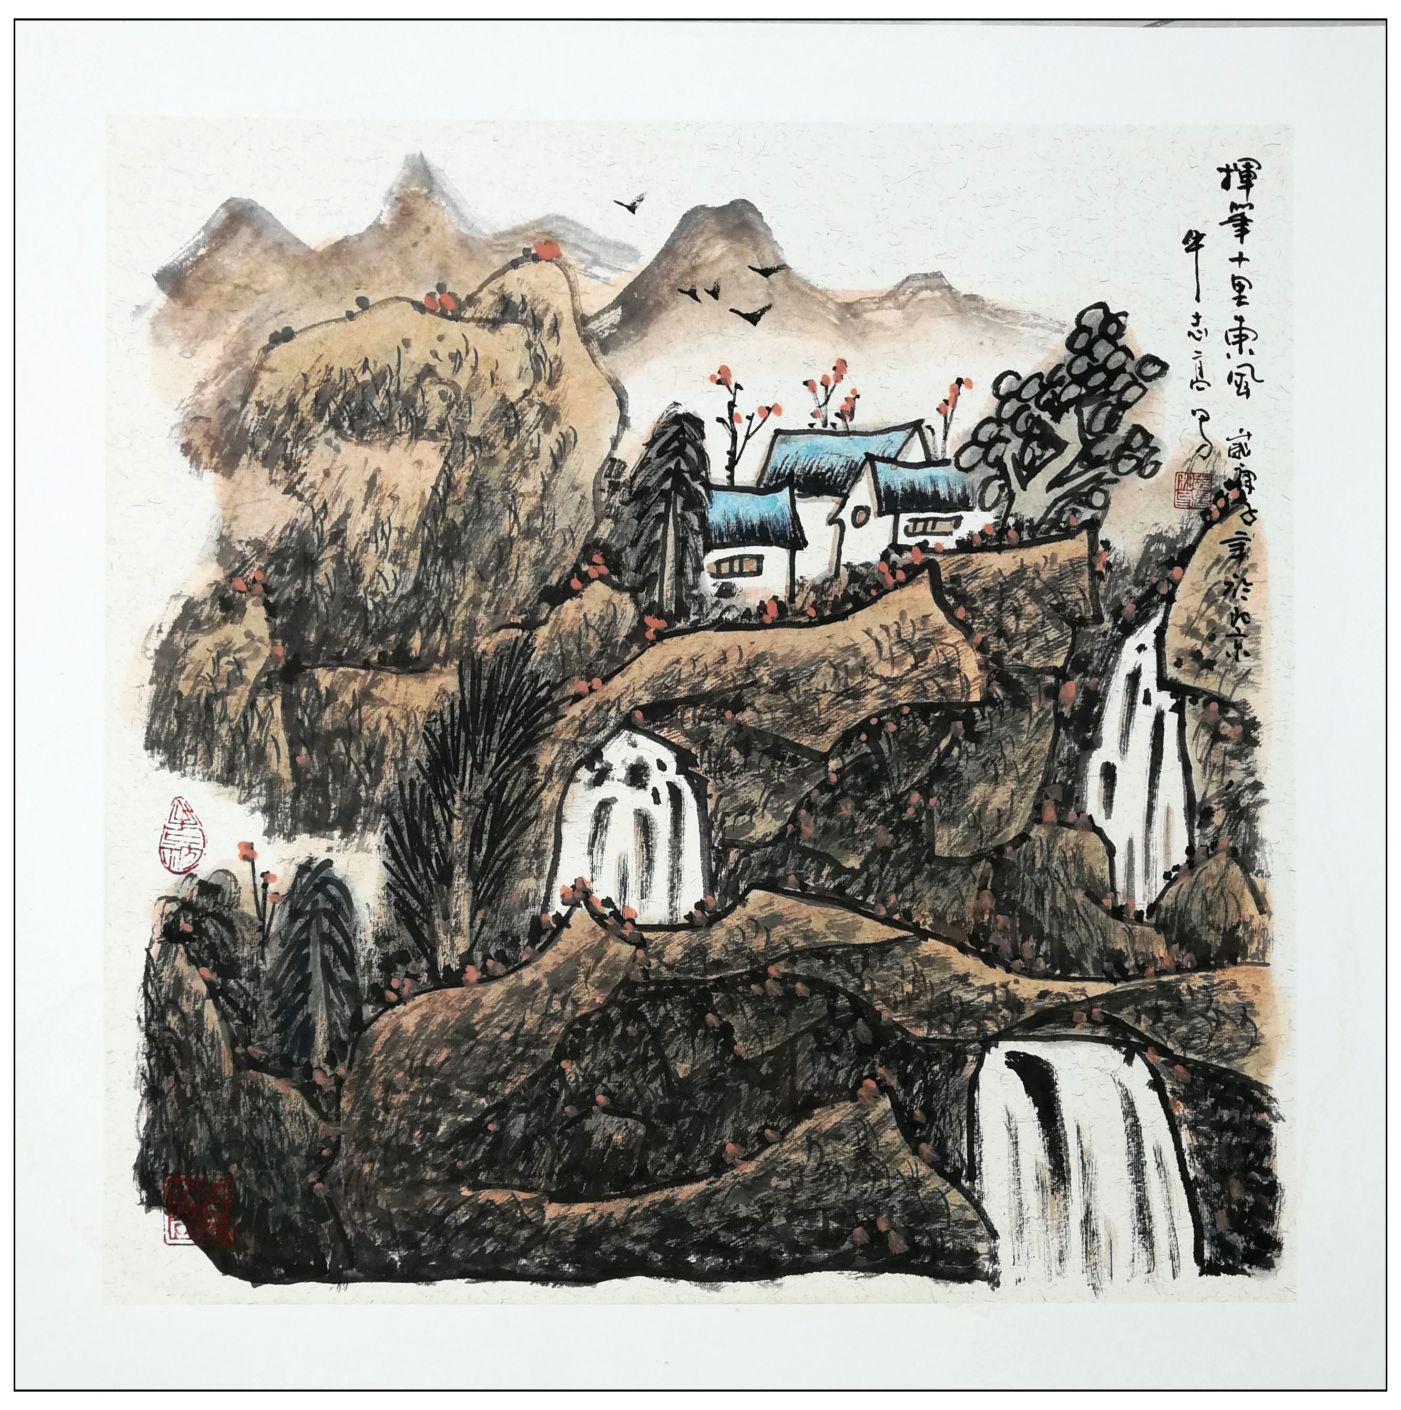 牛志高2020山水画新作-----2020.07.05_图1-5